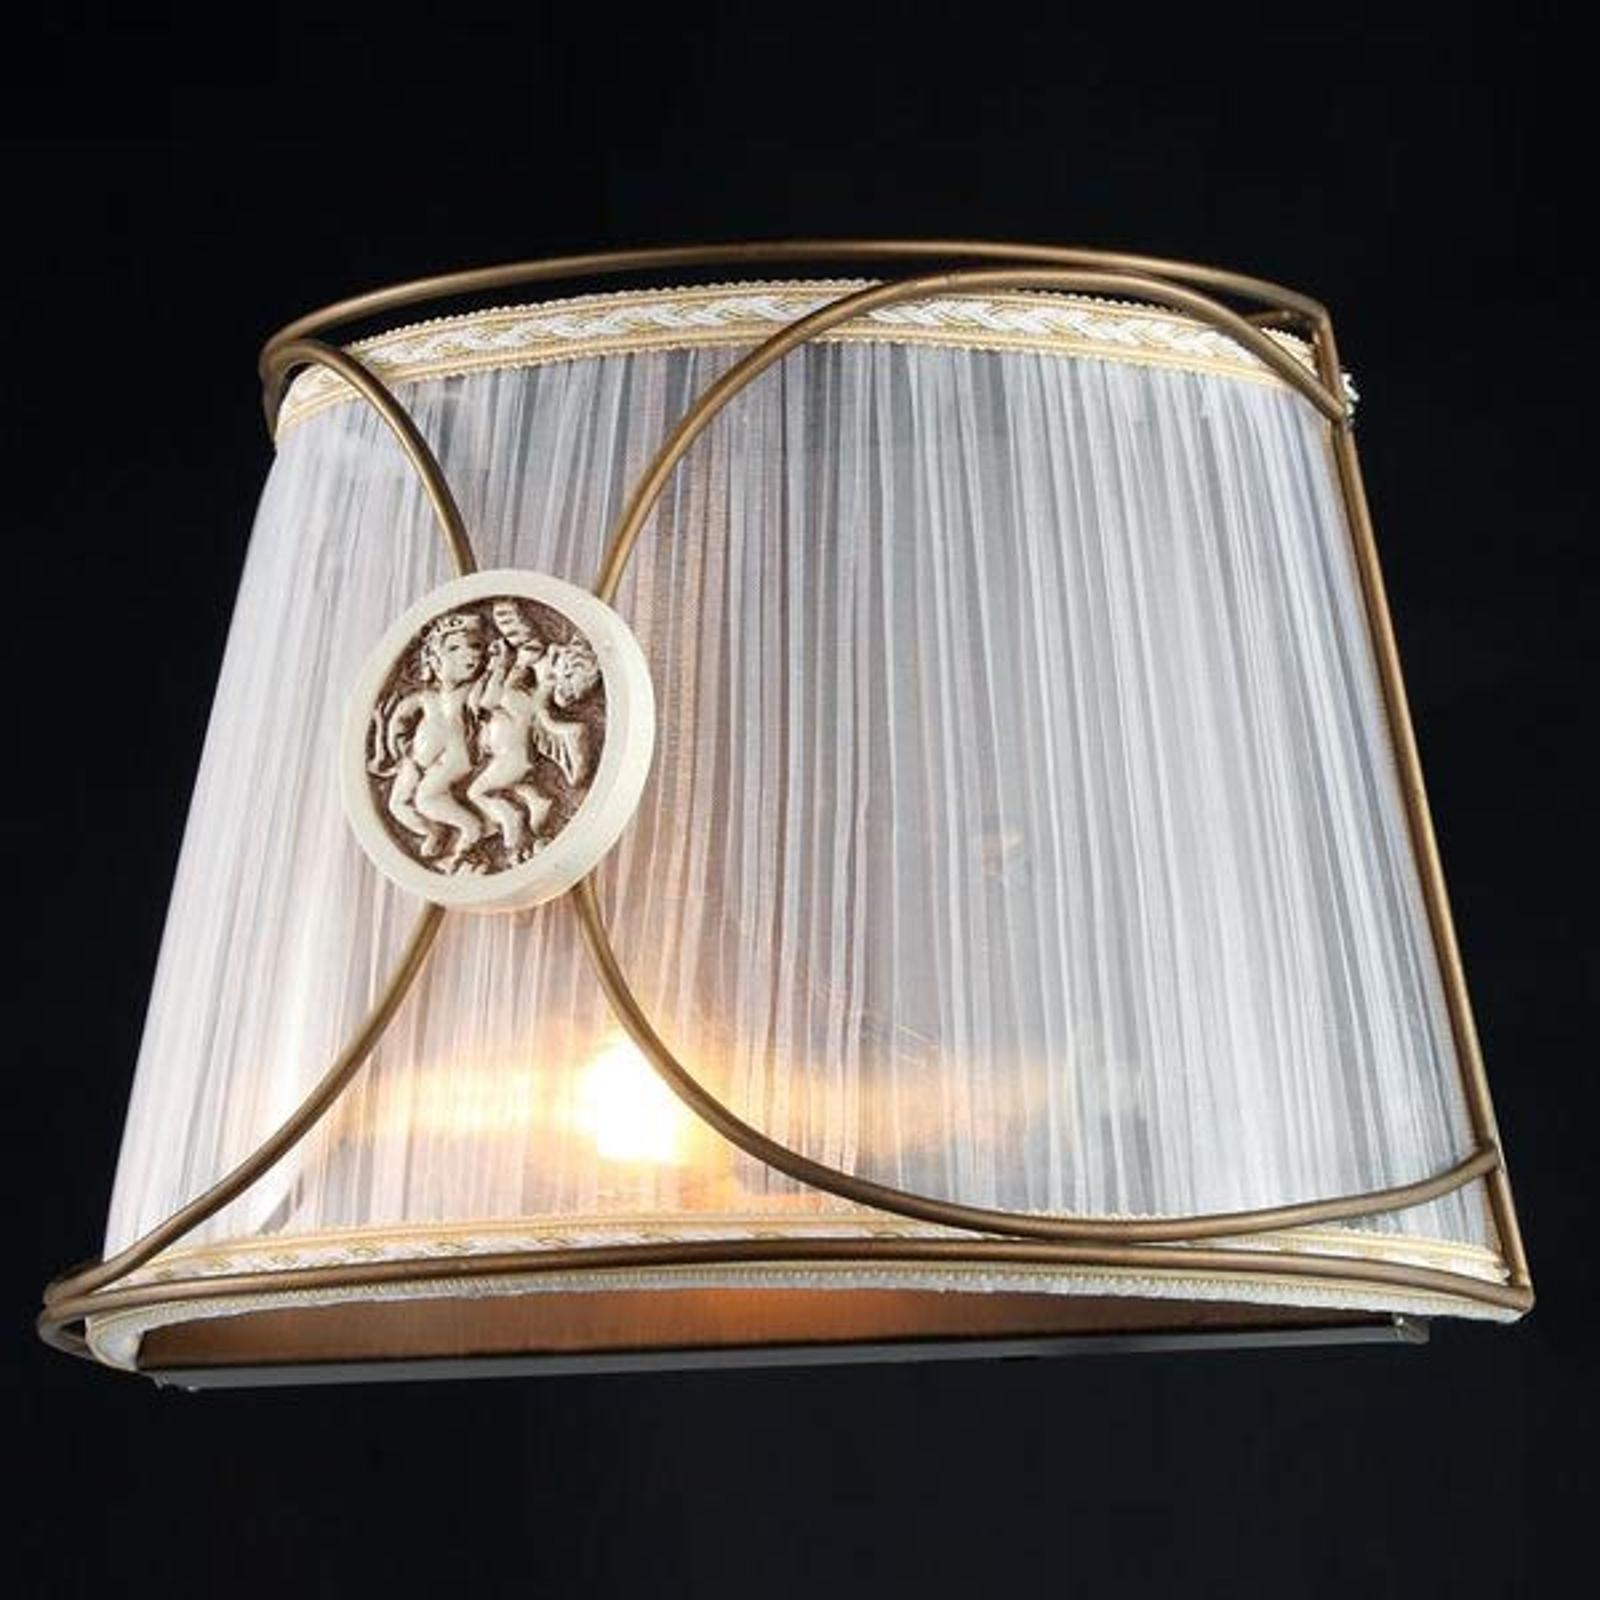 Letizia - vegglampe medOrganza og engel motiv